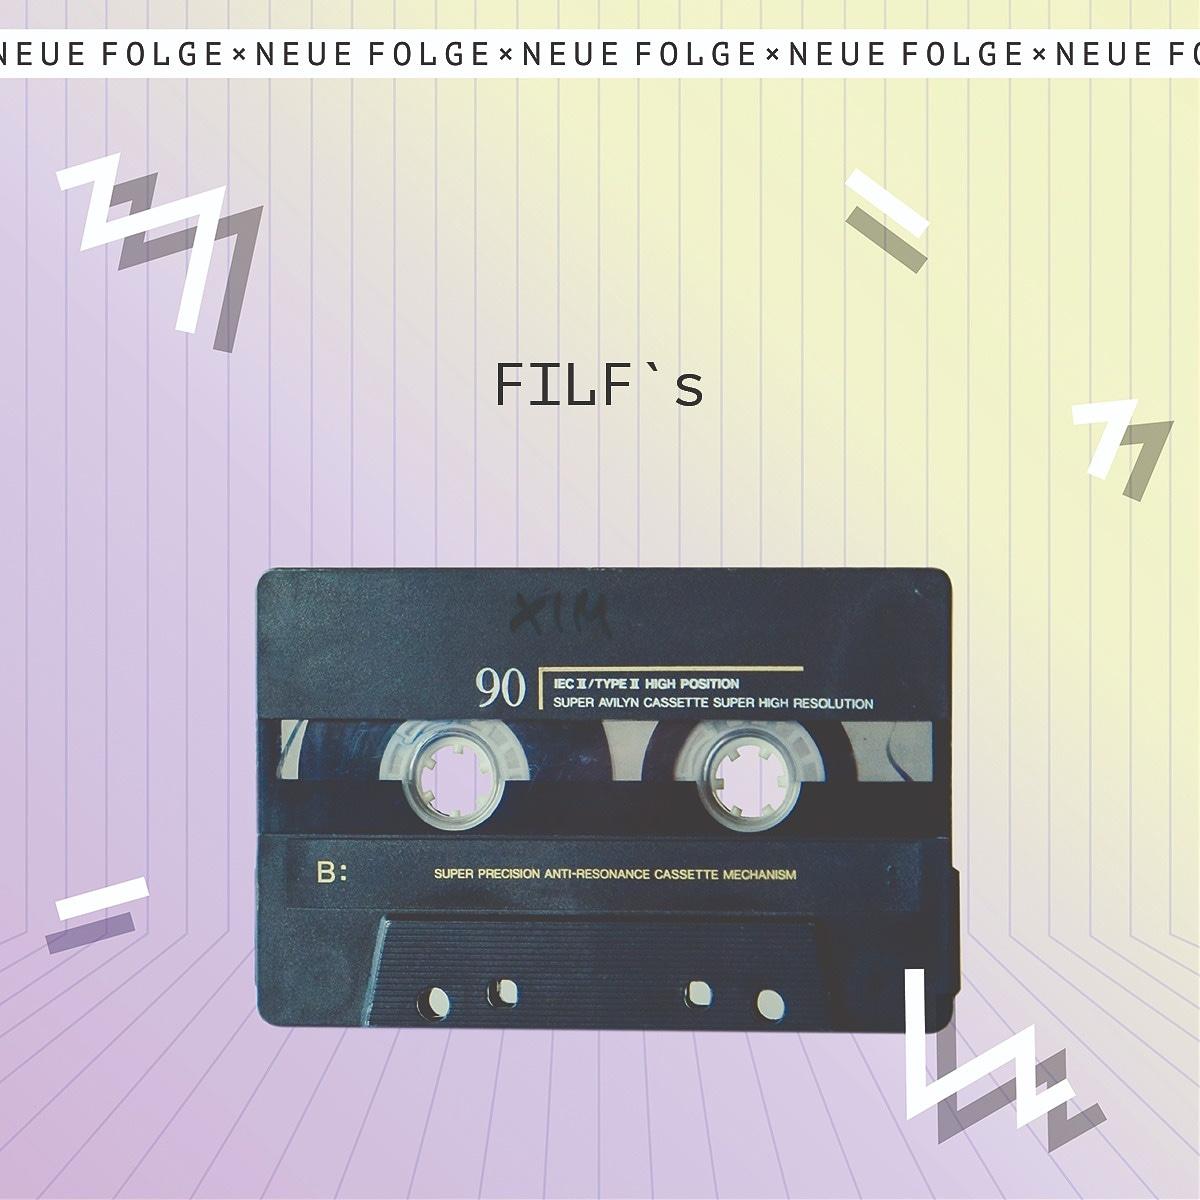 FILFs